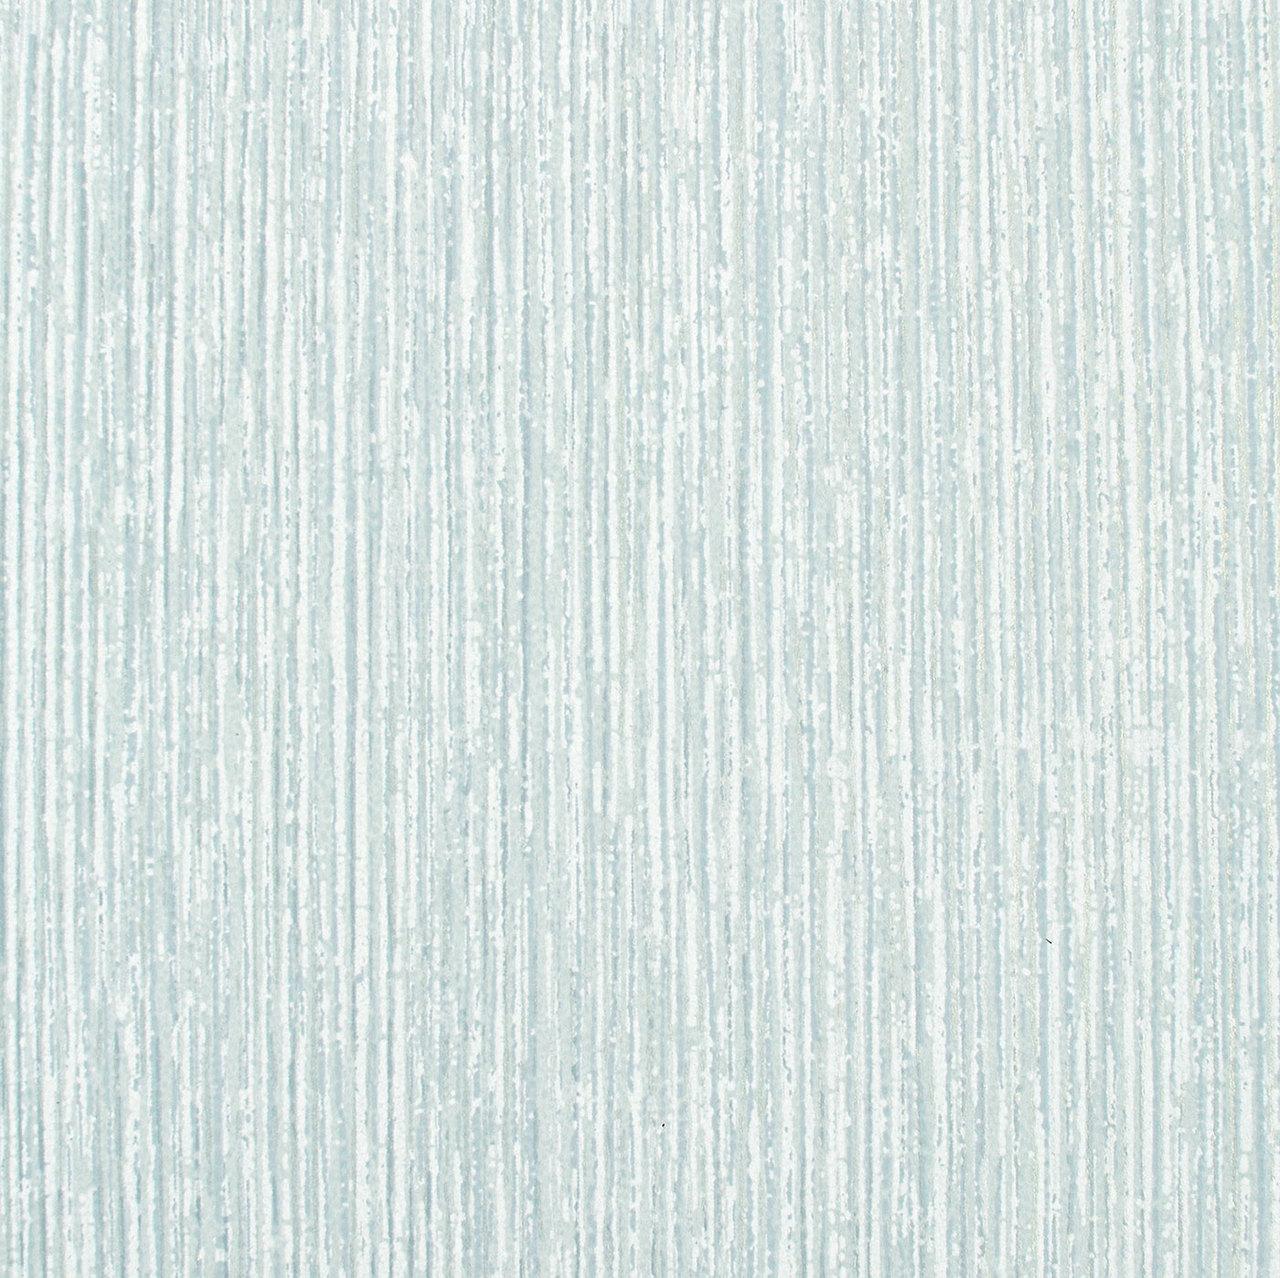 Moderna Grain Light Blue Stripe Wallpaper Mineheart